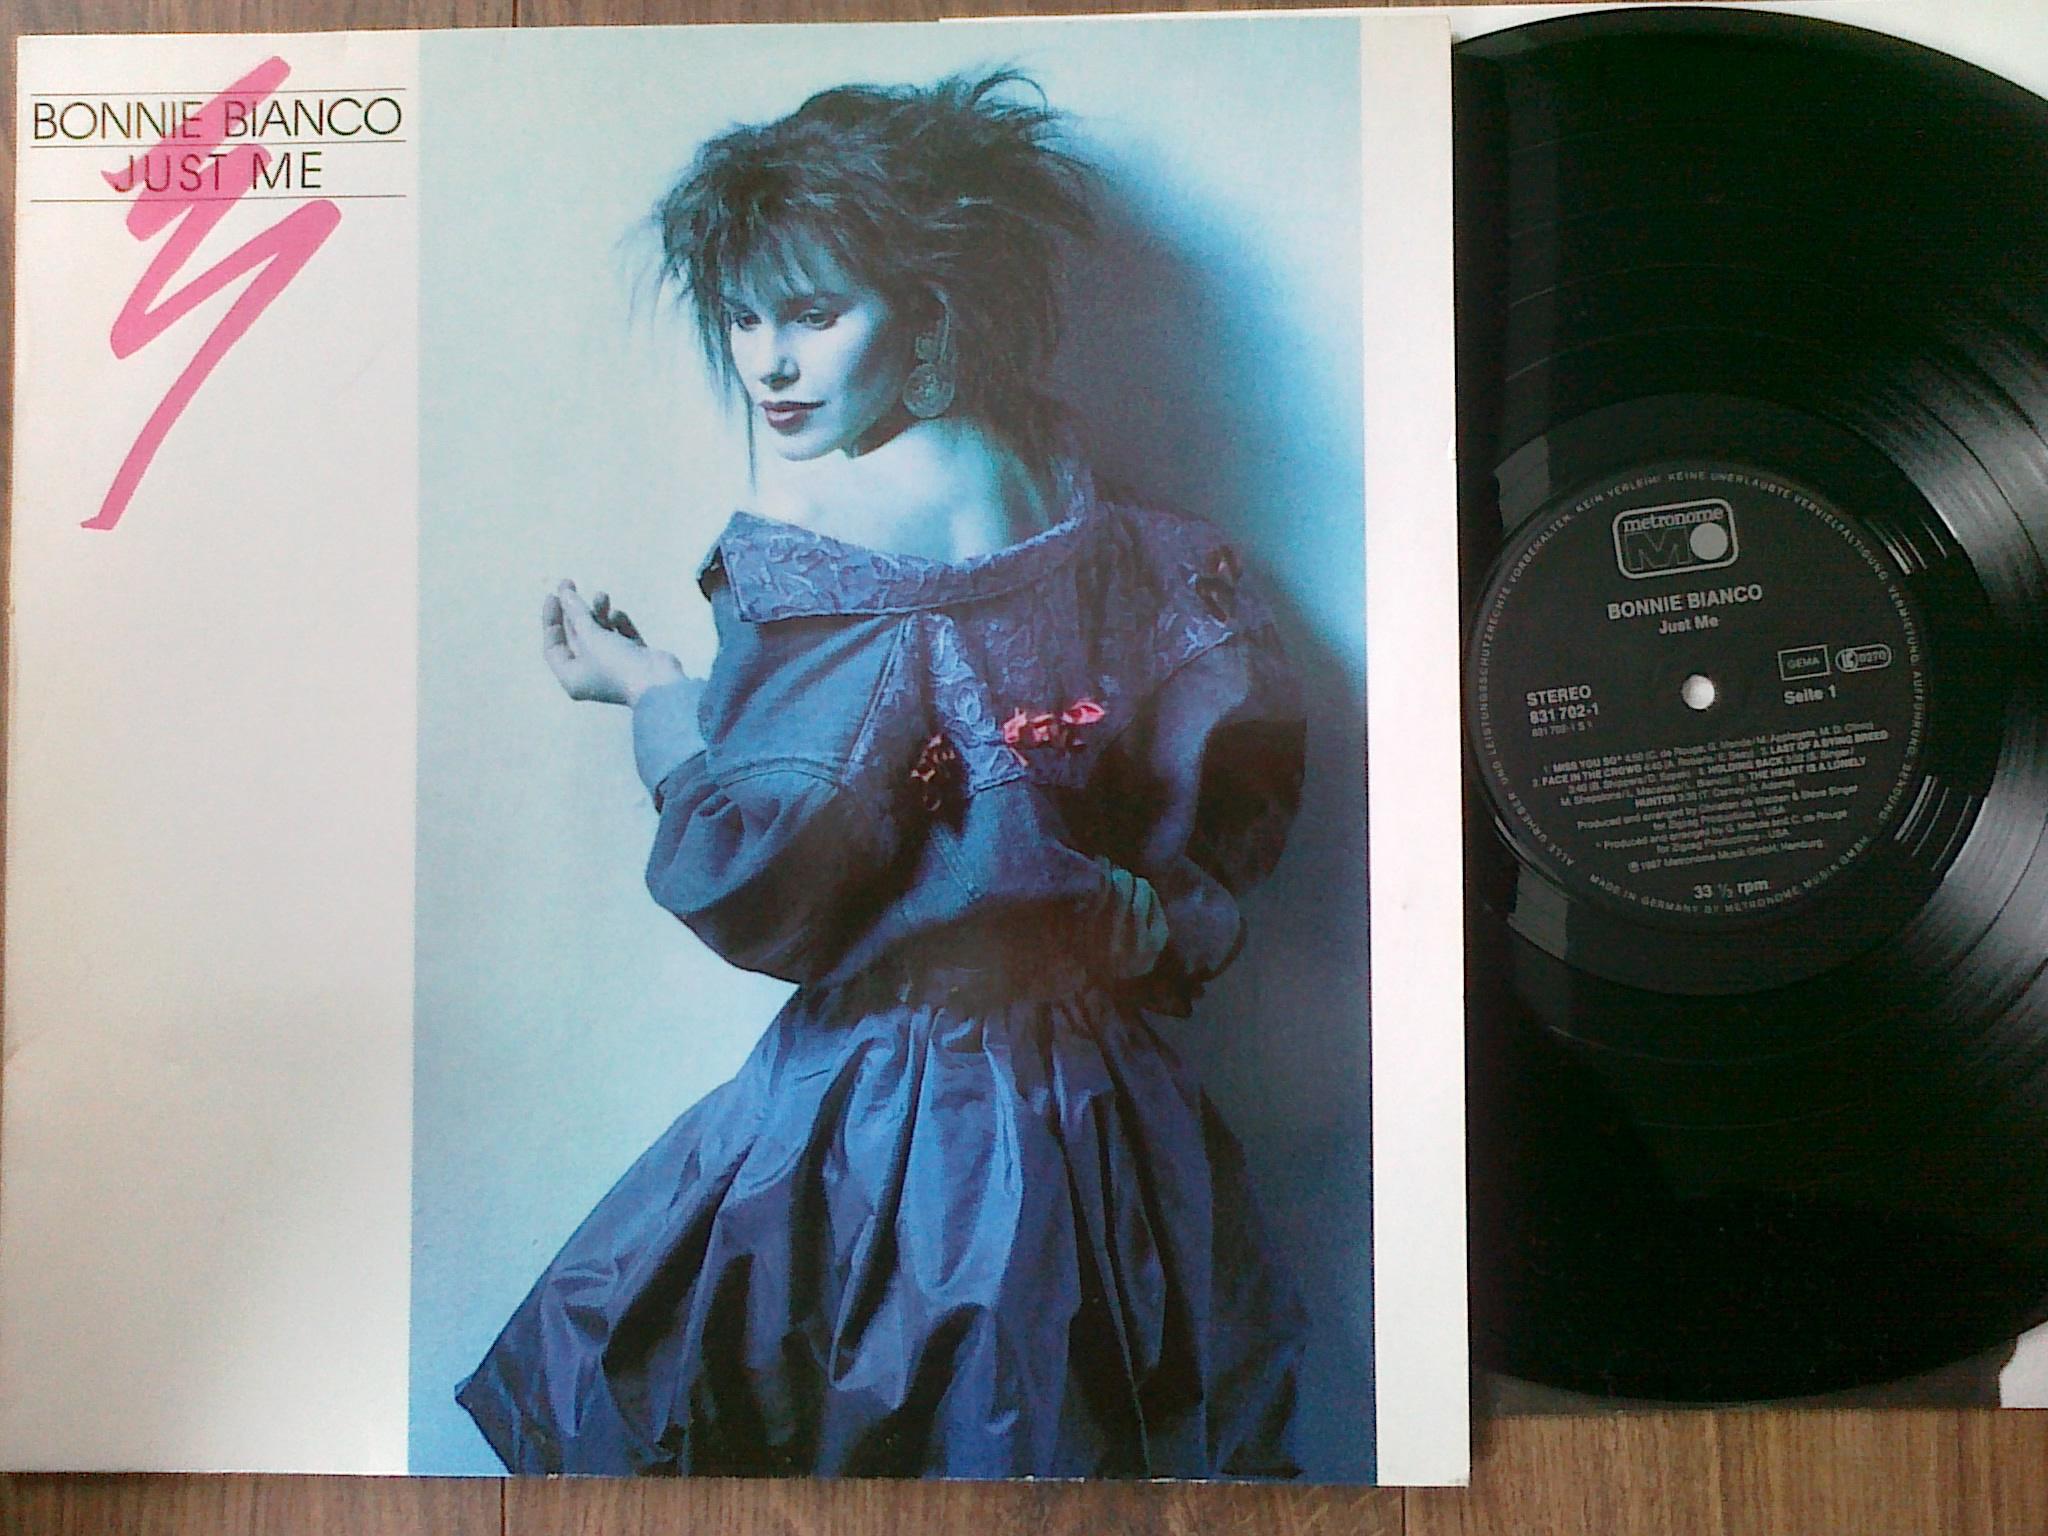 Bonnie Bianco - Just Me LP